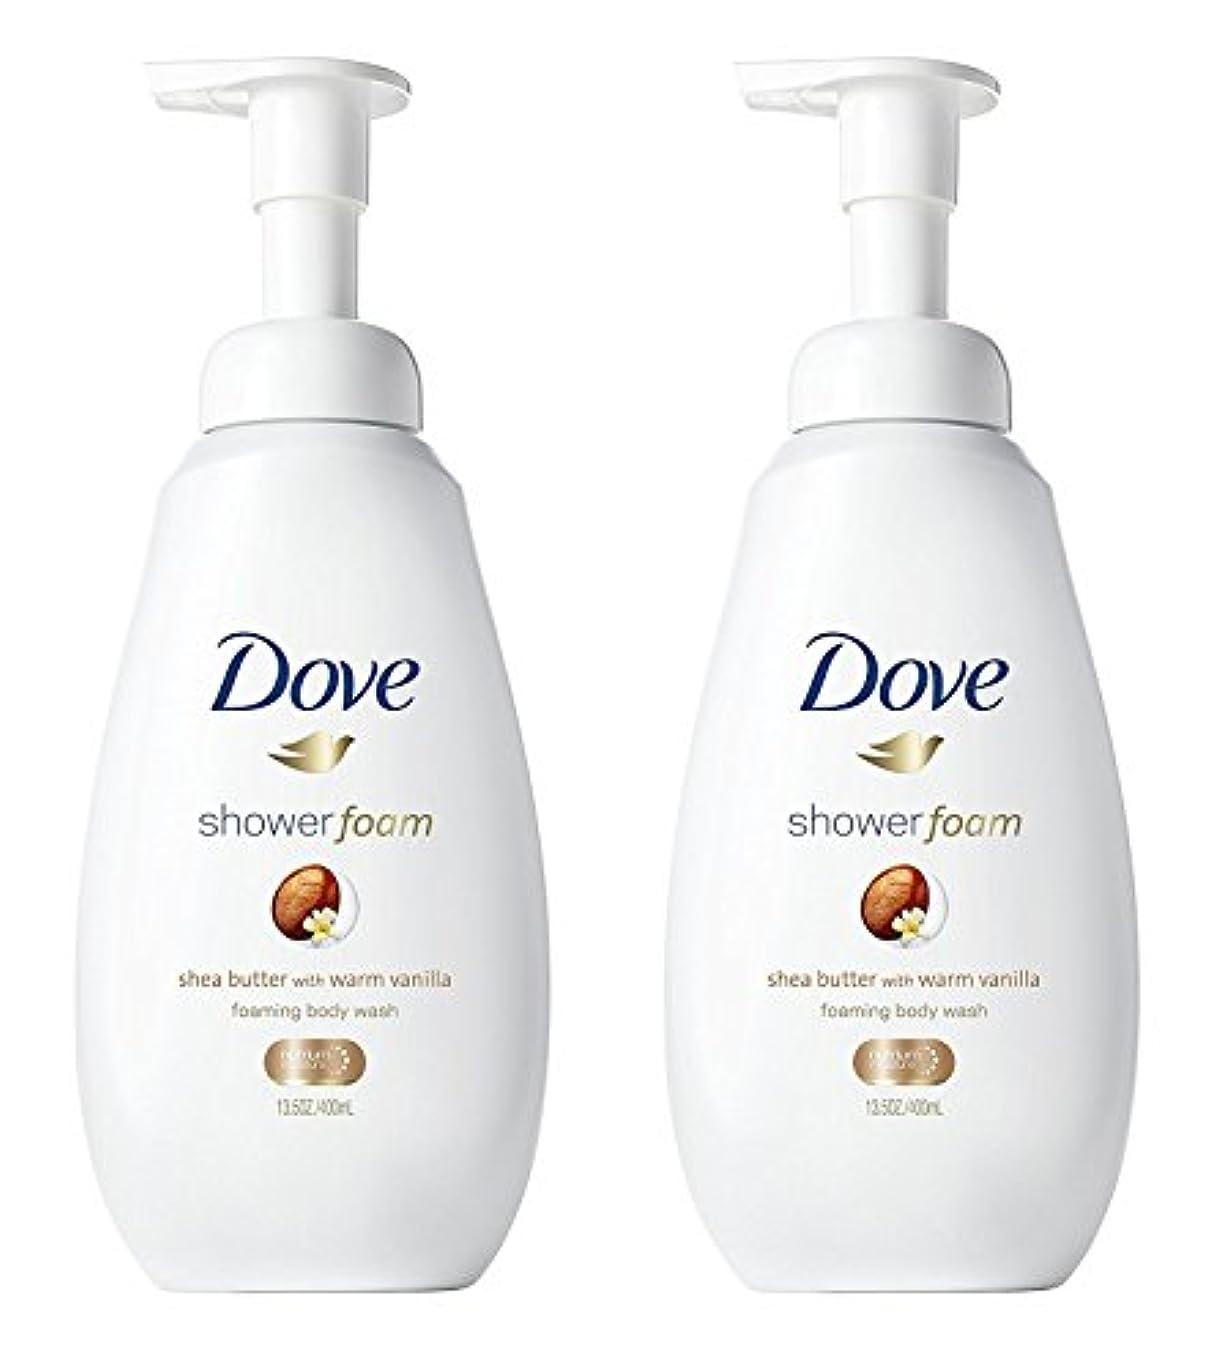 怖がらせる装置伝記Dove シャワー泡 - ウォームバニラシアバター - - ボディウォッシュを発泡ネット重量。ボトルあたり13.5液量オンス(400ml)を - 2本のボトルのパック